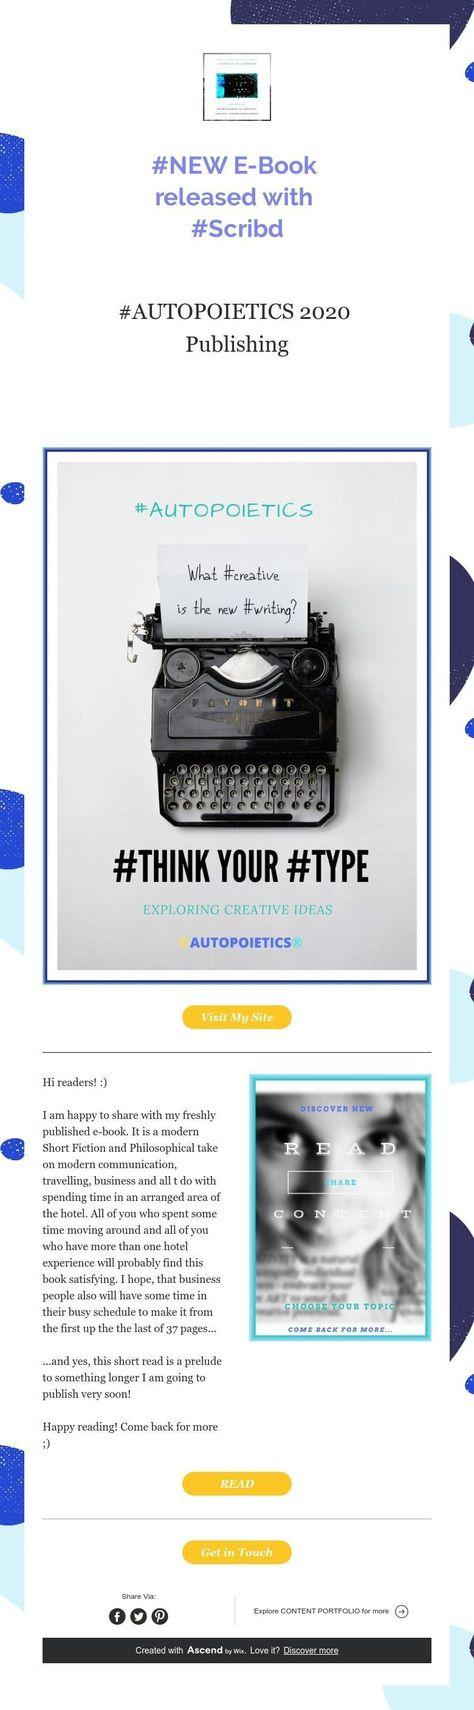 #NEW E-Book released with #Scribd -  #NEW E-Book  released with   #Scribd  - #ContentMarketing #ebook #InternetMarketing #released #scribd #SocialMediaMarketing